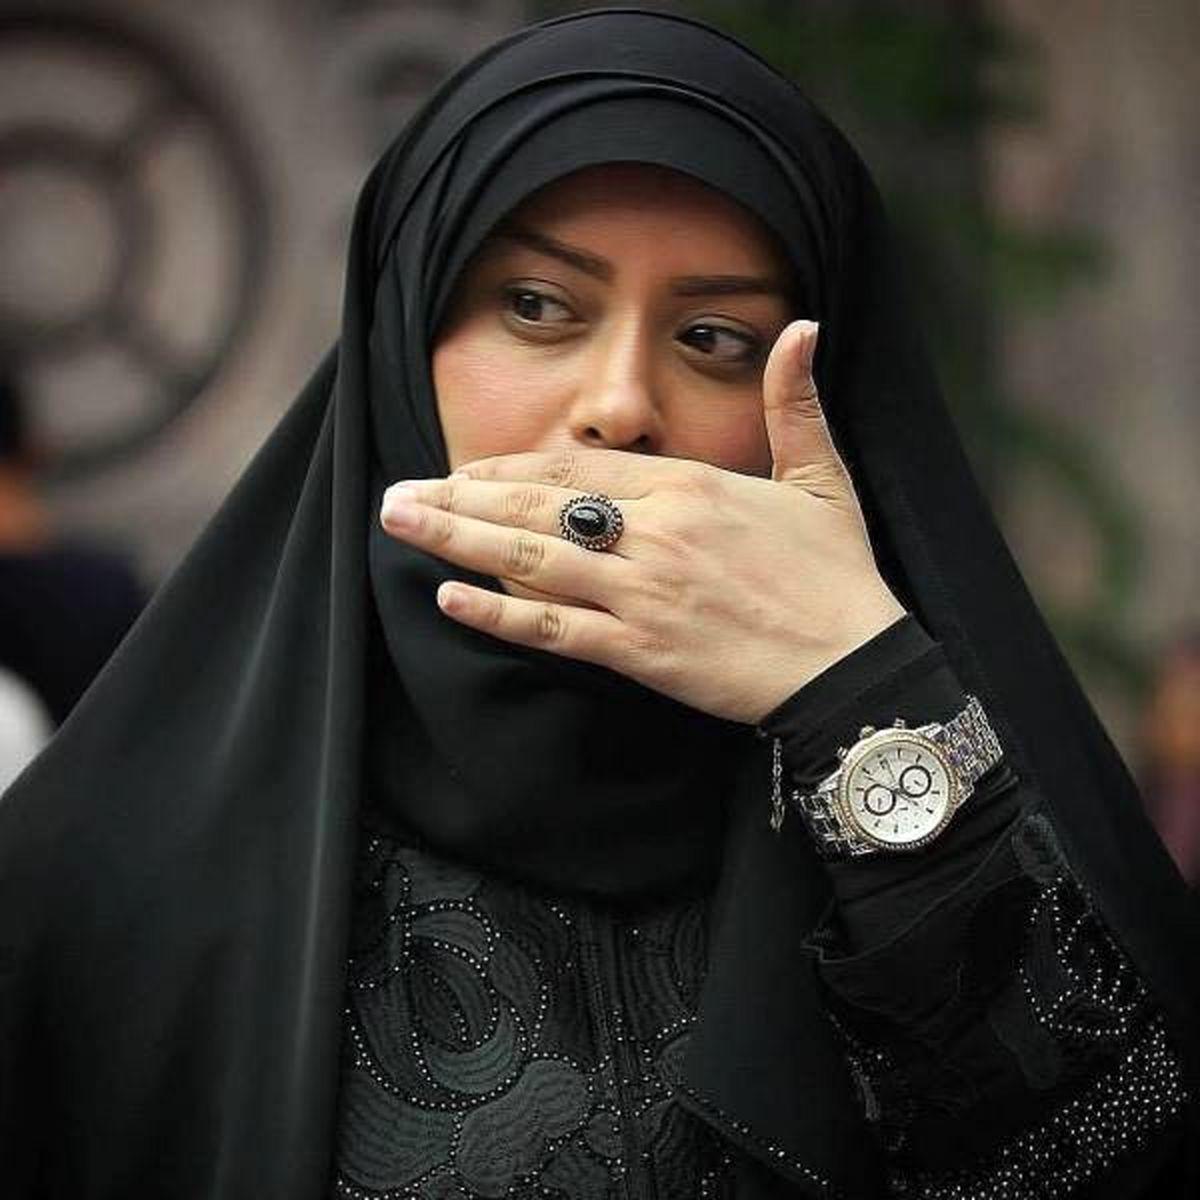 اولین حضور همسر روحانی الهام چرخنده در جشنواره باغ موزه دفاع مقدس +عکس